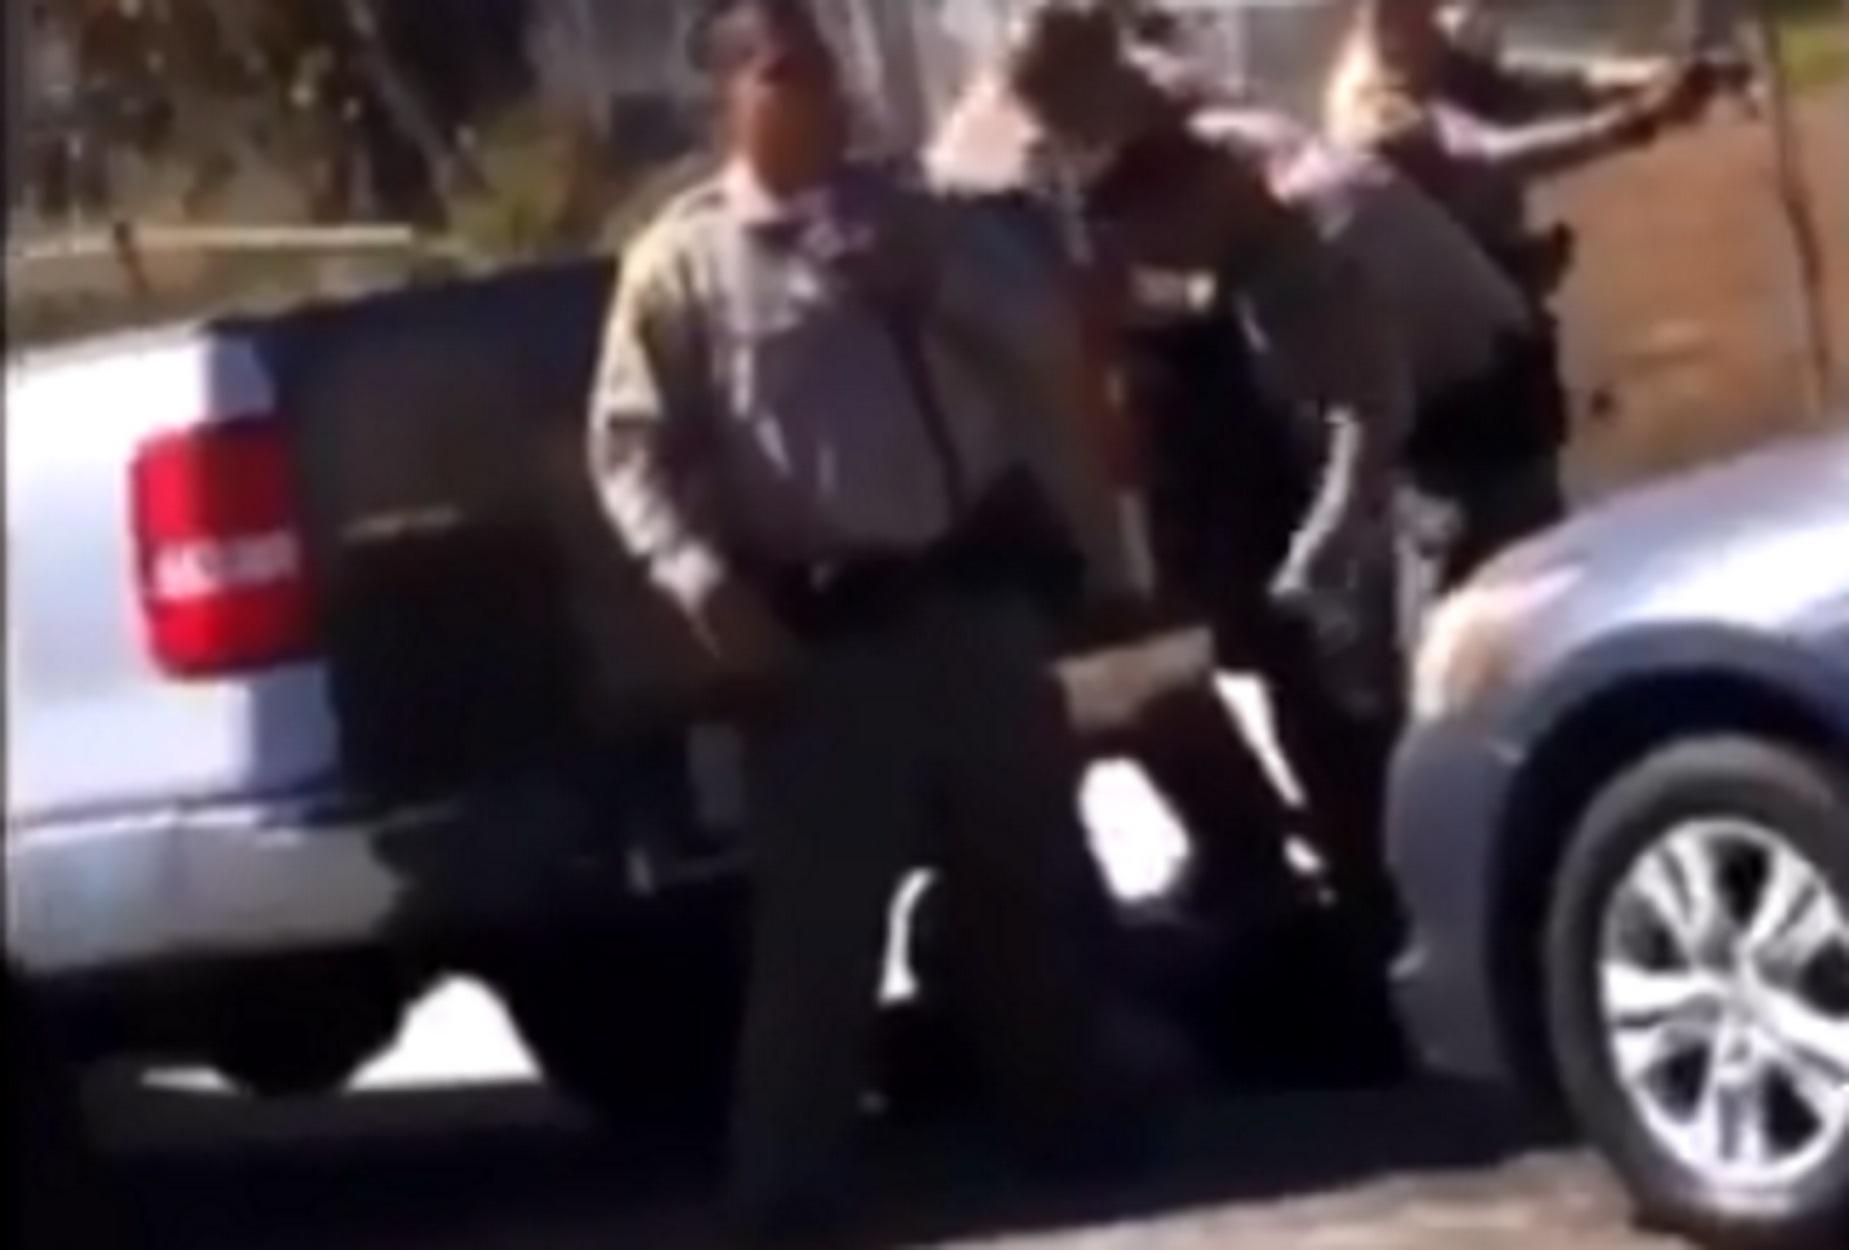 Βίντεο σοκ! Αφροαμερικανός σκοτώθηκε από την αστυνομία στο Λος Άντζελες